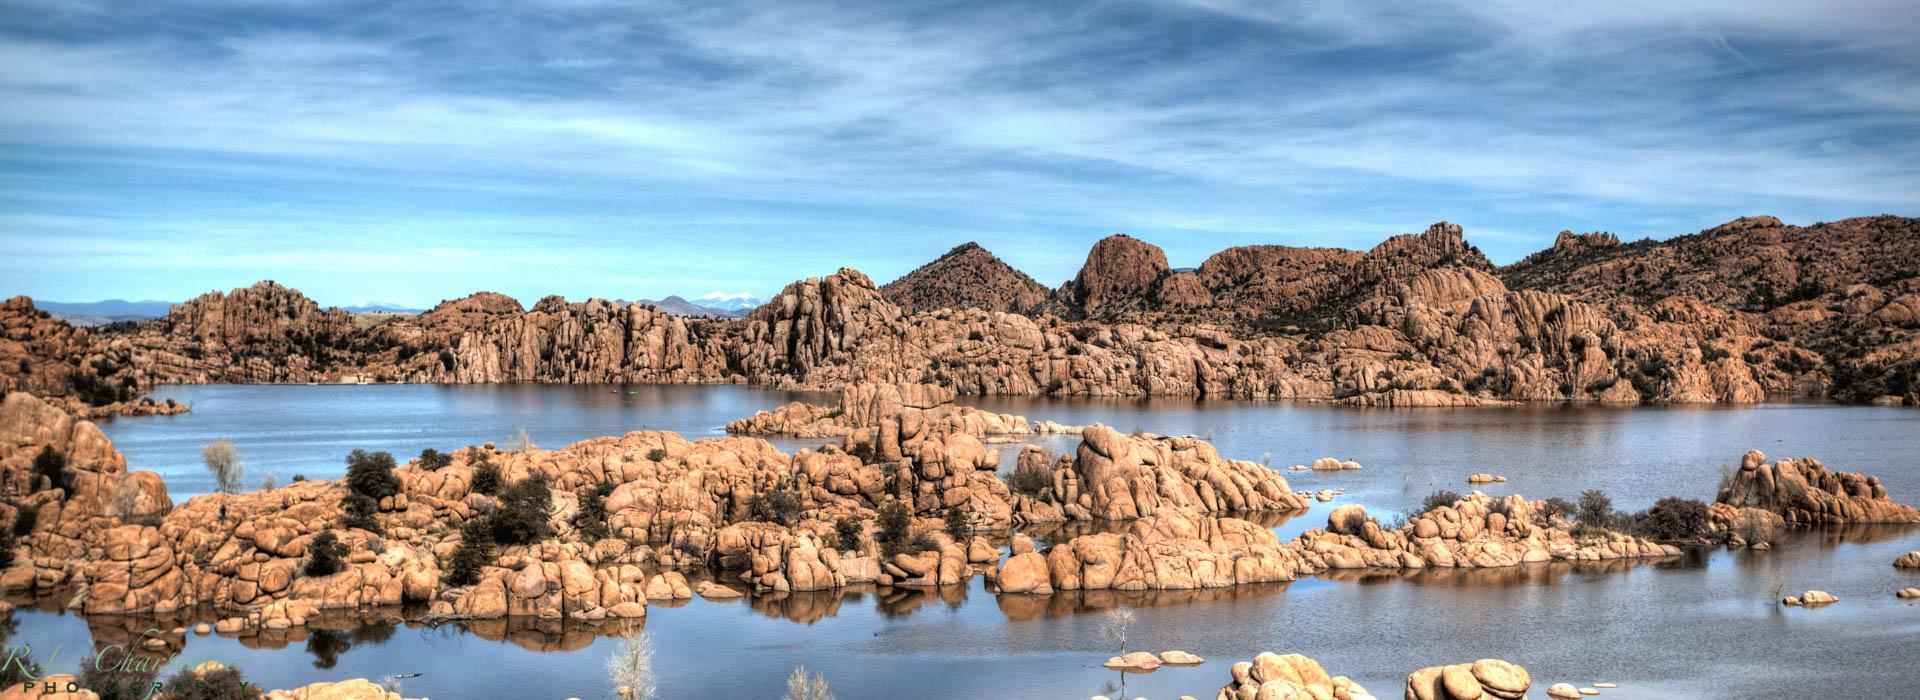 Lodging near the Granite Dells Prescott Arizona